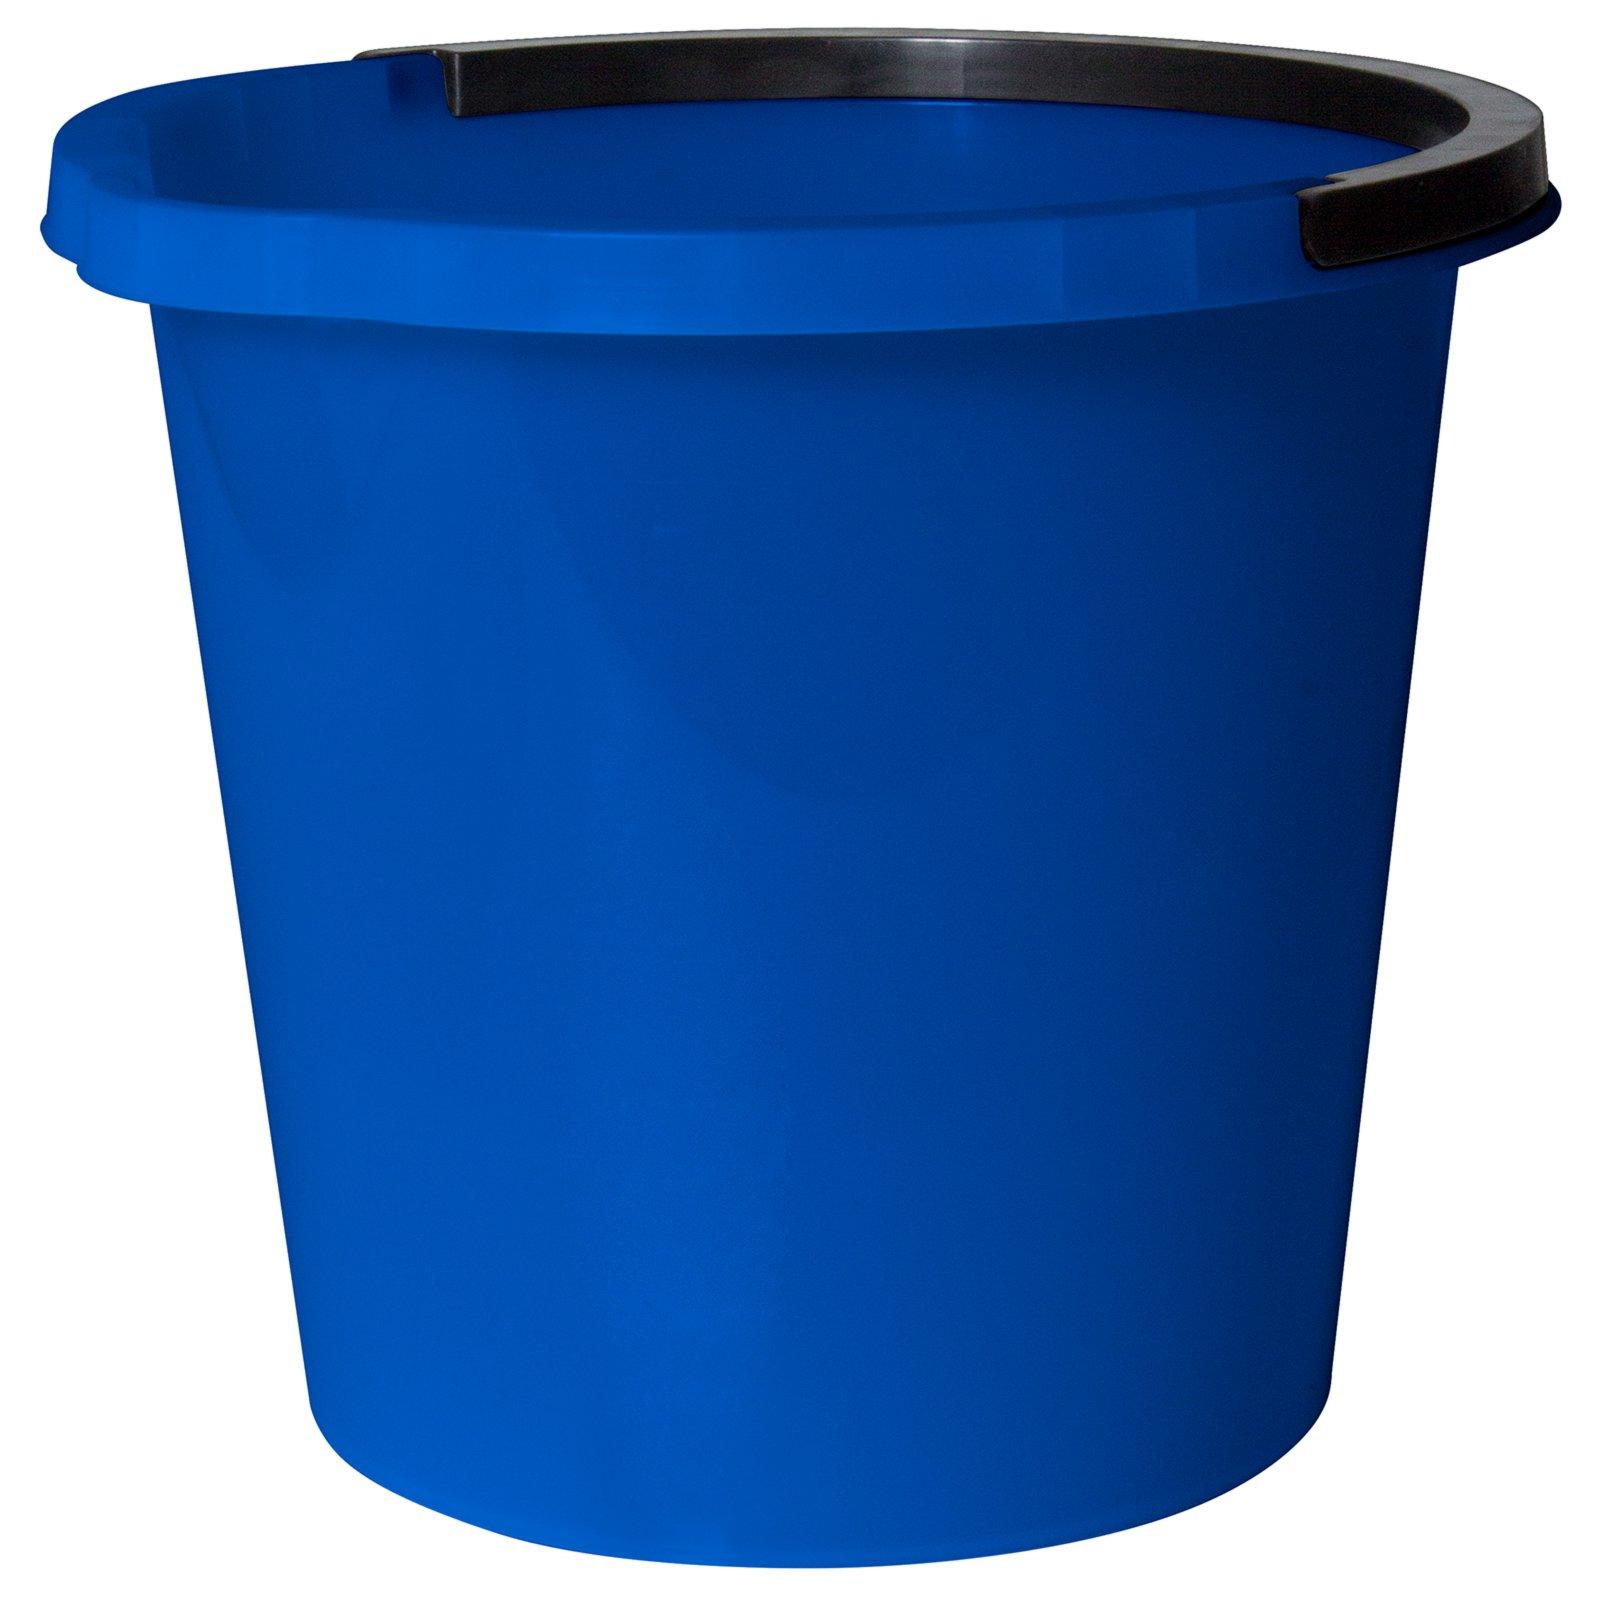 eimer mit ausgusslippe blau 10 liter mop bodenwischer reinigen hauswirtschaft keller. Black Bedroom Furniture Sets. Home Design Ideas